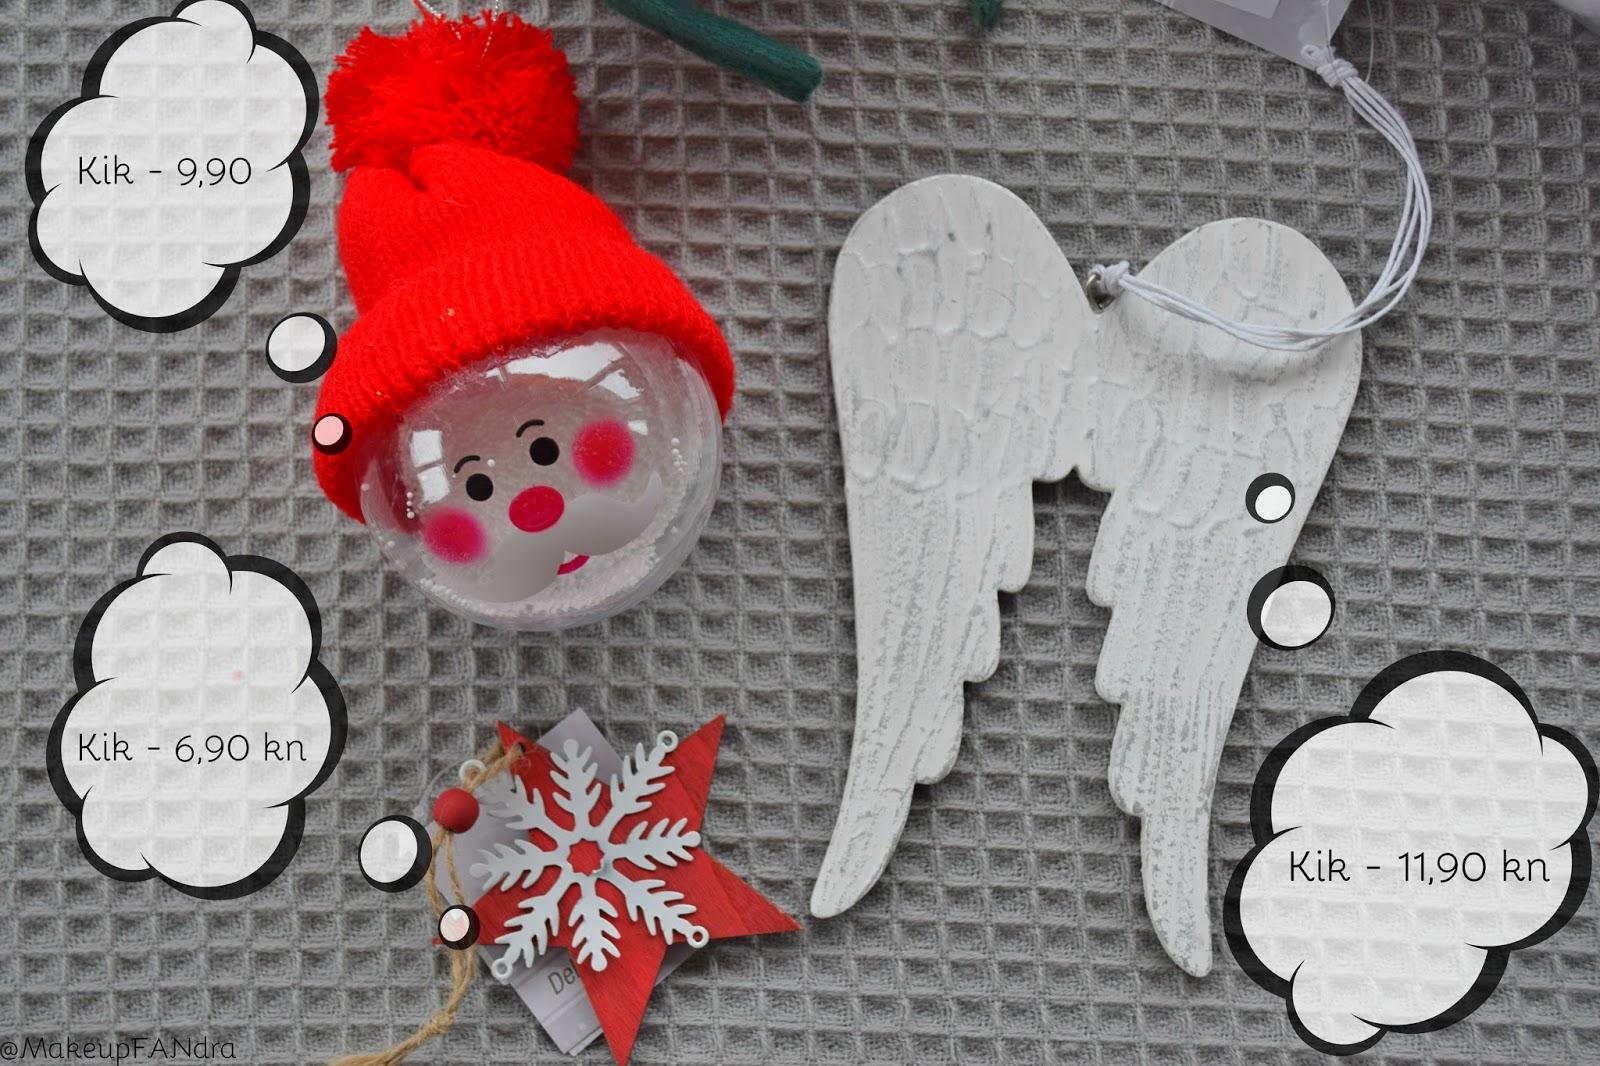 božićne dekoracije 9